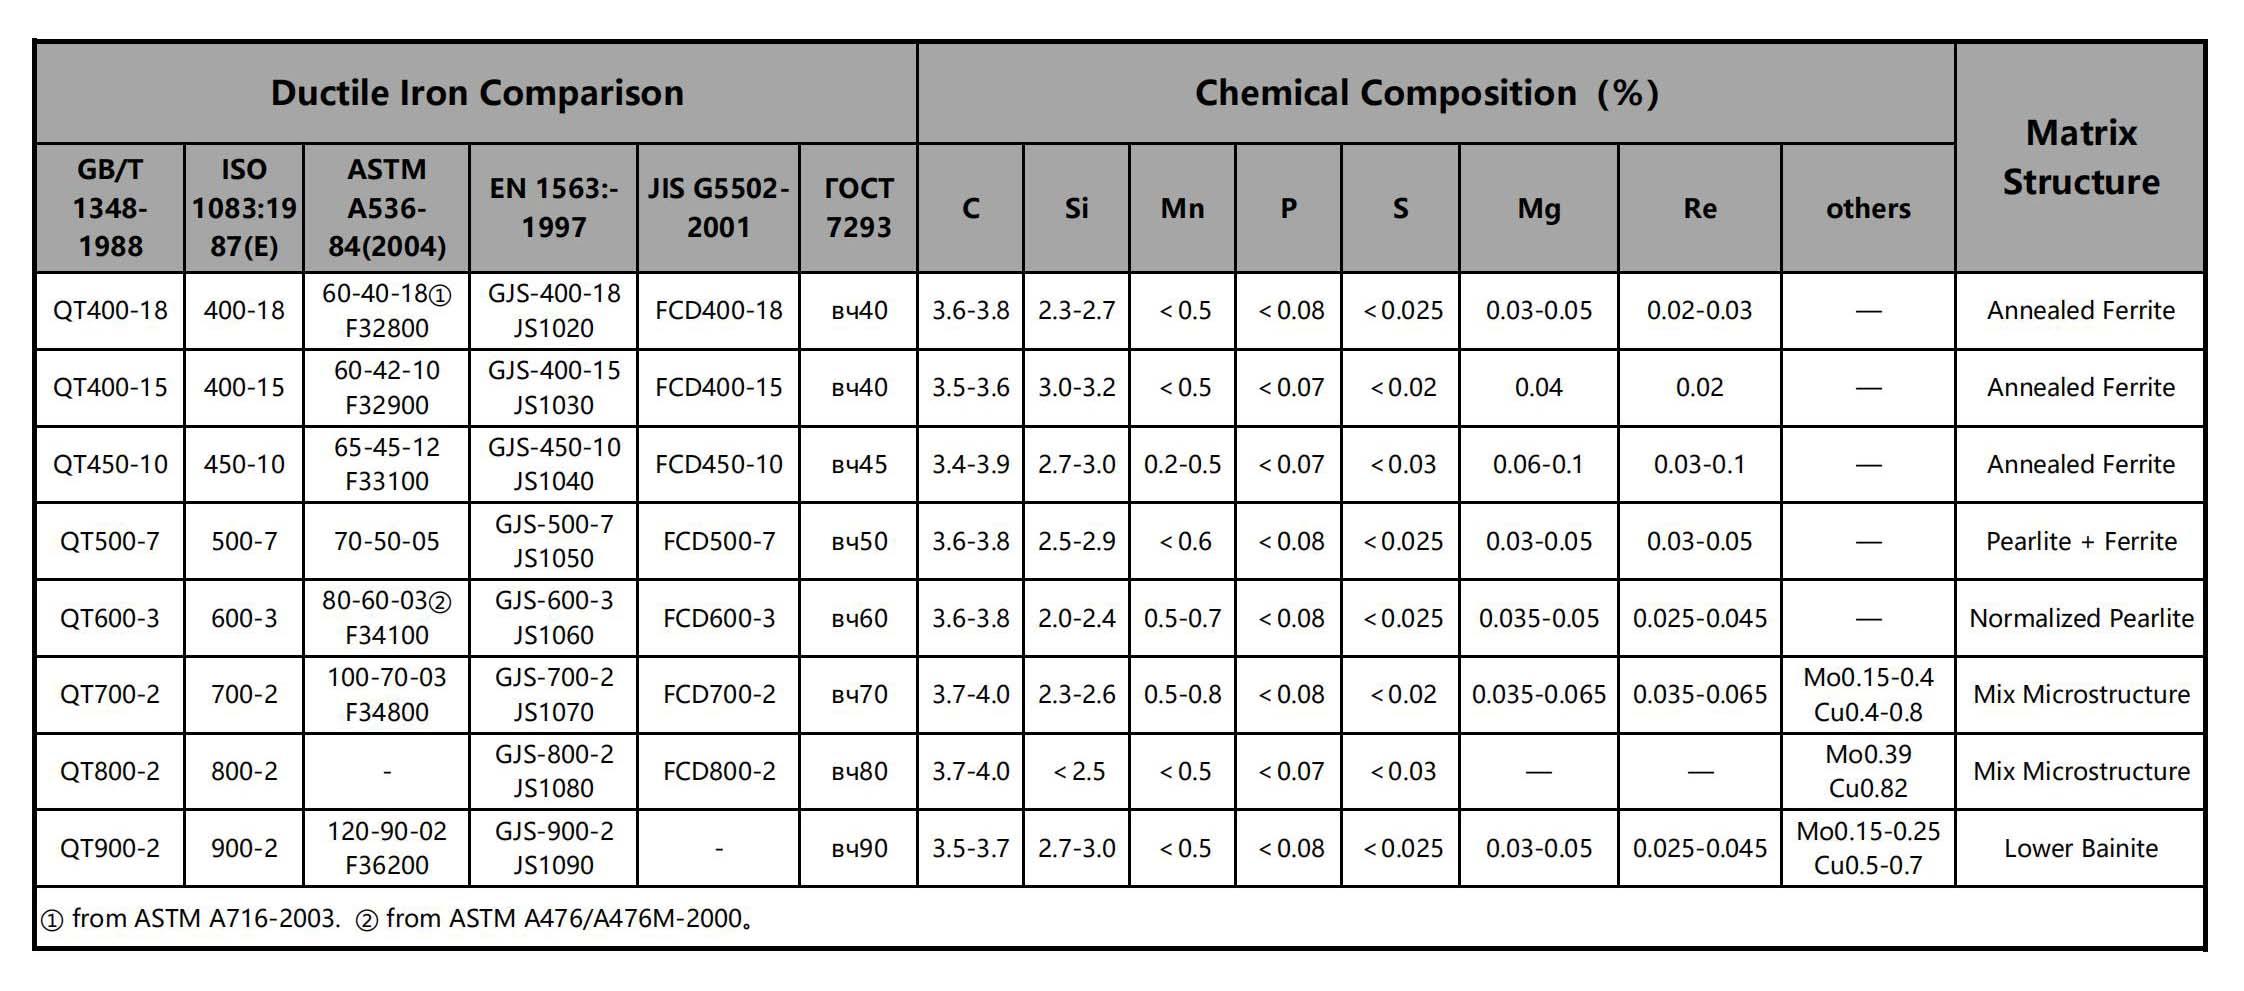 Ductile Iron Grade-Chemical Composition-Matrix Structure